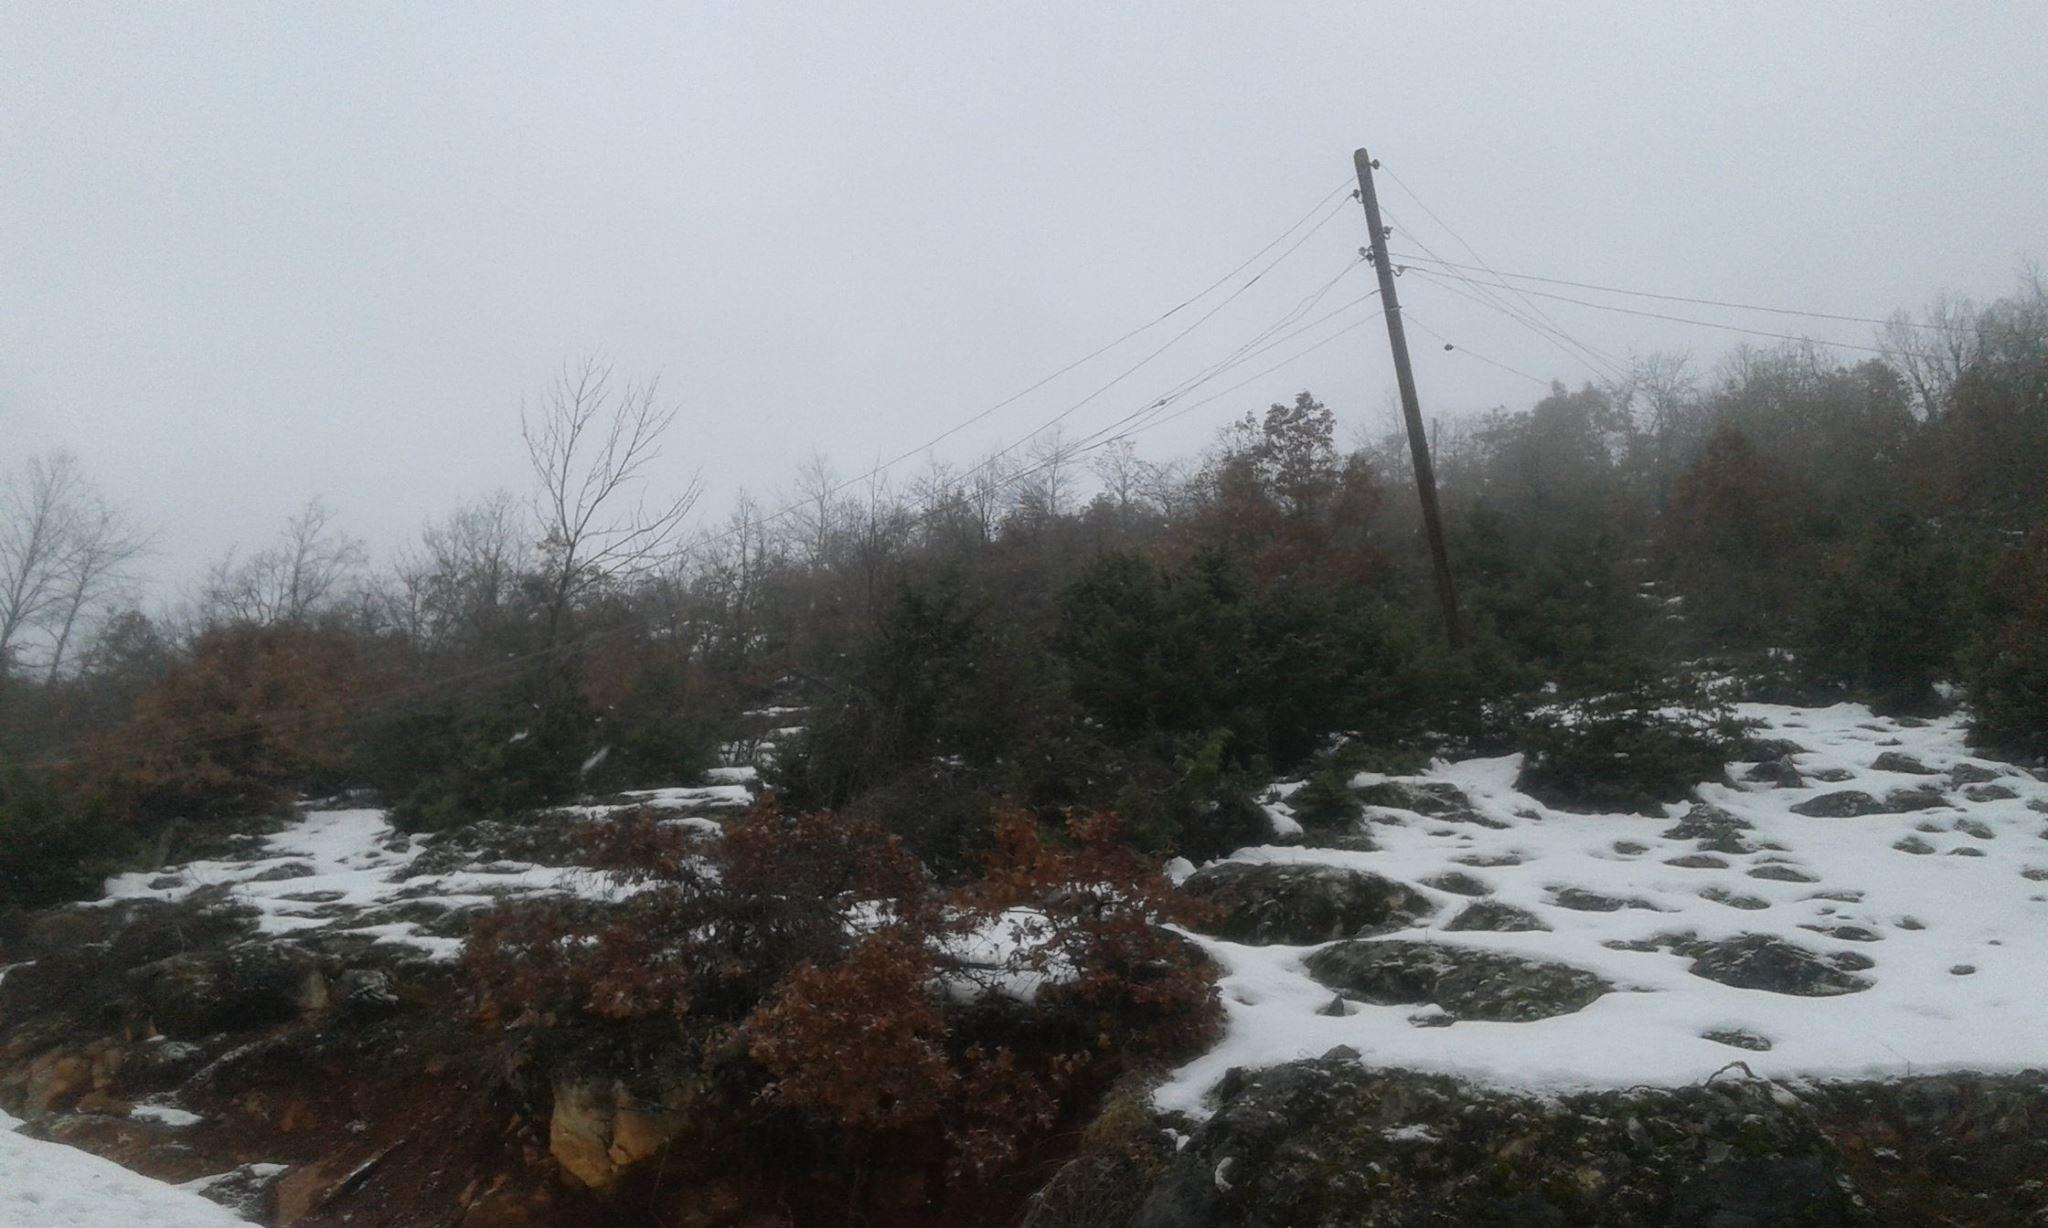 Lavcani padnati stolbovi (2)